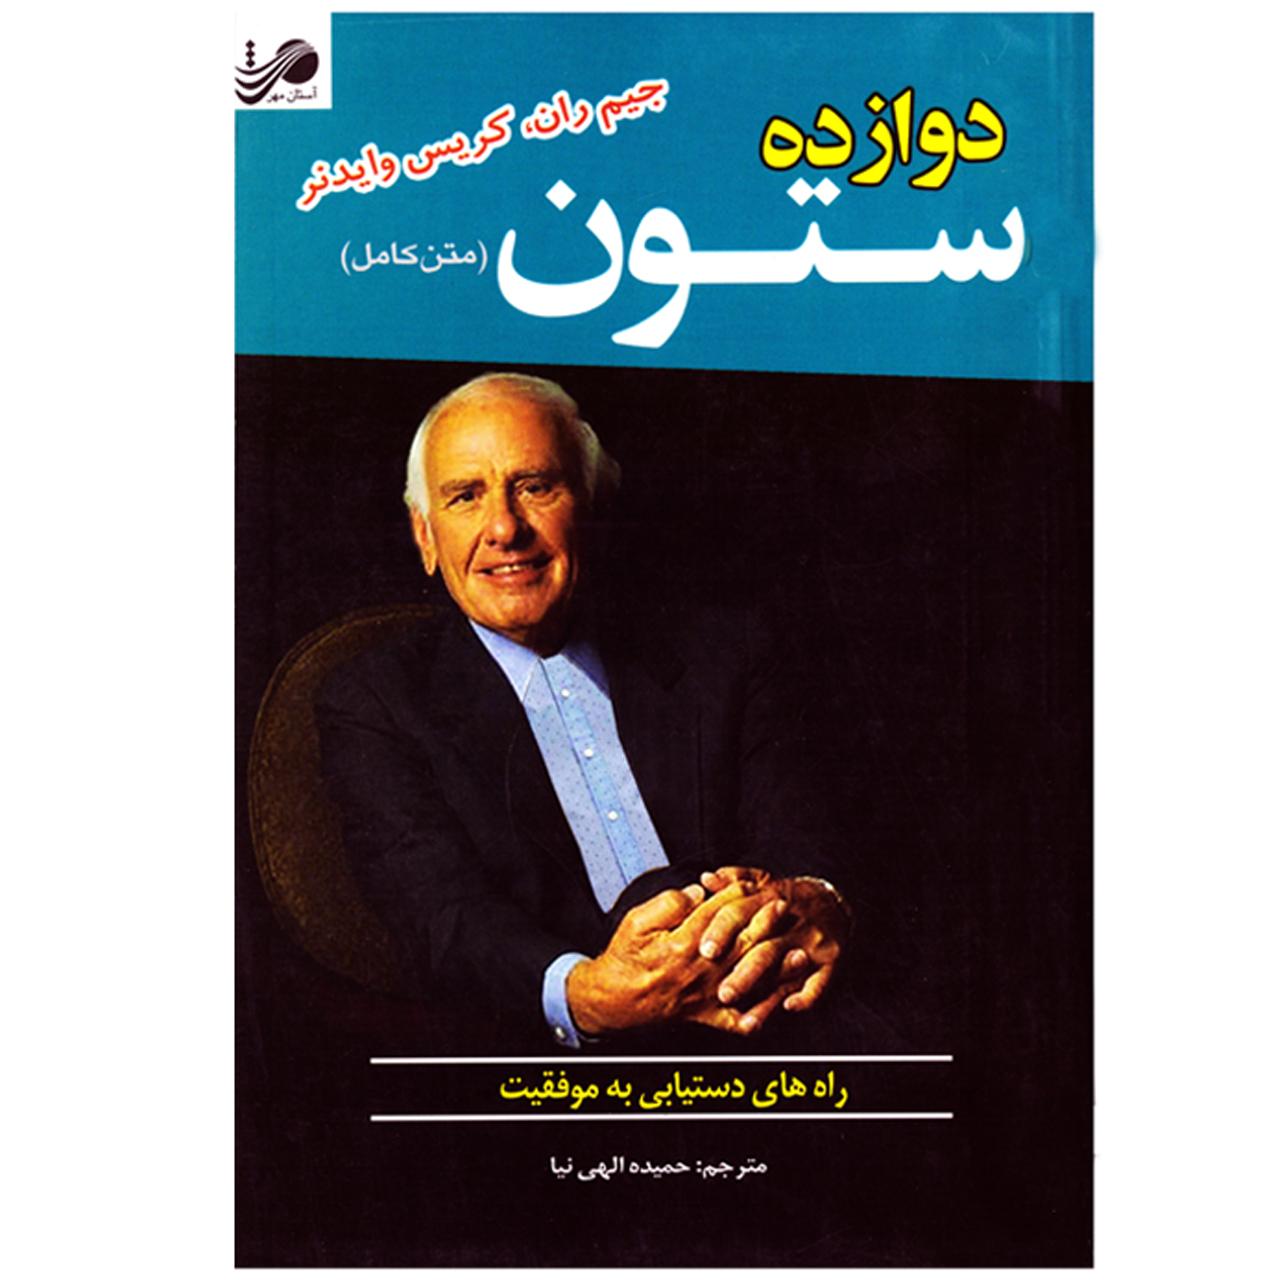 کتاب 12 دوازده ستون موفقیت اثر جیم ران و کریس وایدنر نشر آستان مهر